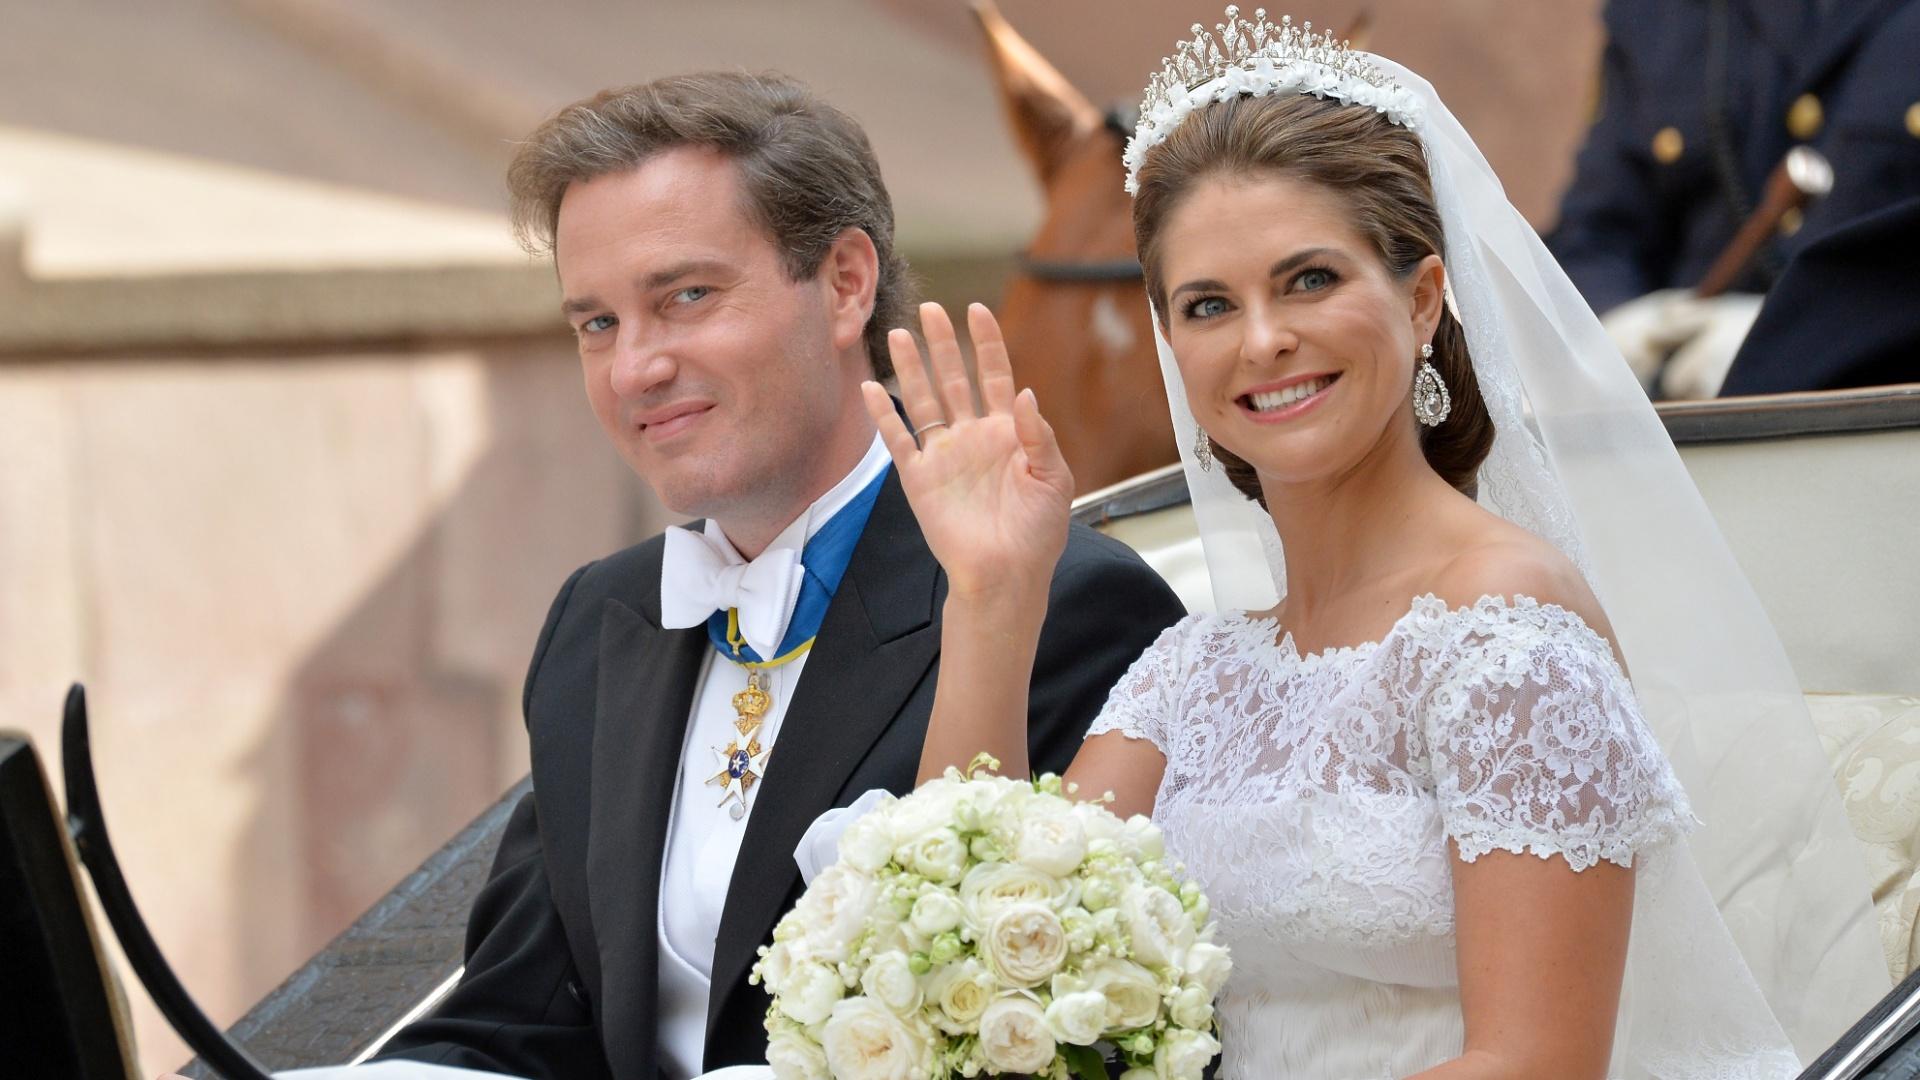 8.jun.2013 - Christopher O'Neill e princesa Madeleine da Suécia passeiam de carruagem após o casamento no Palácio Real, em Estocolmo